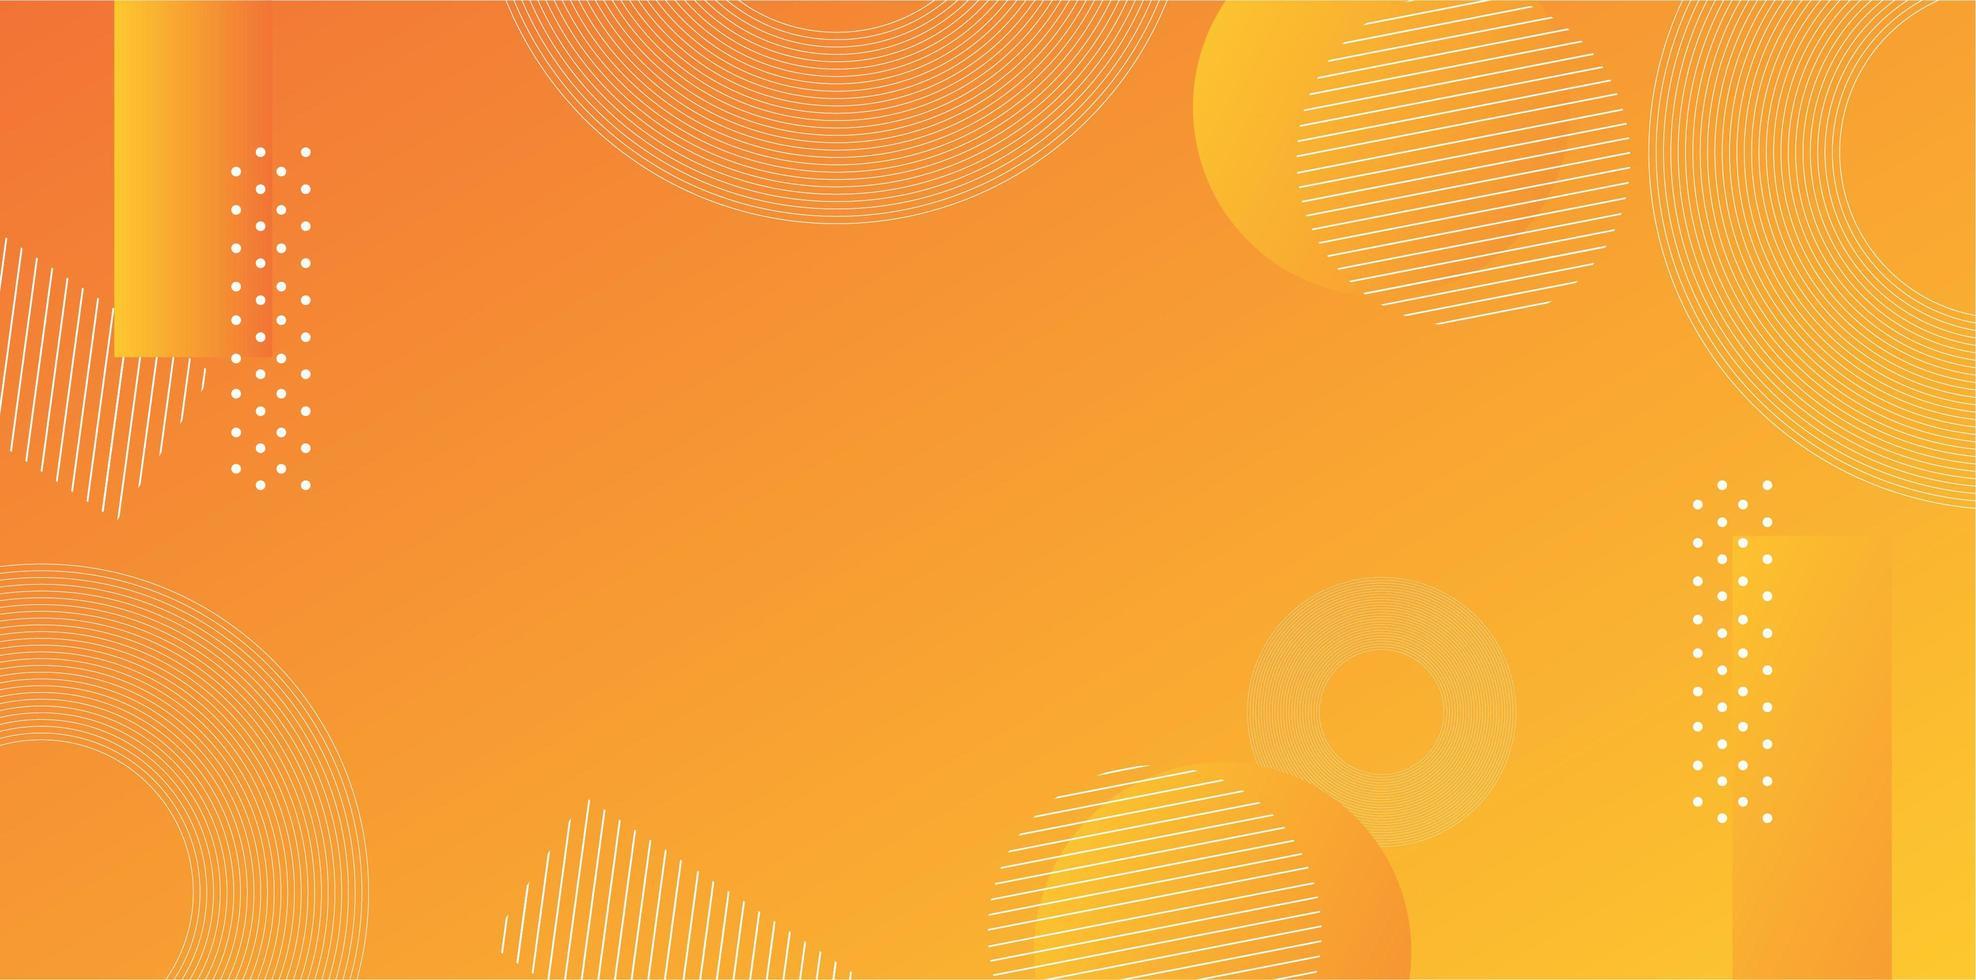 diseño de vector de fondo degradado amarillo naranja